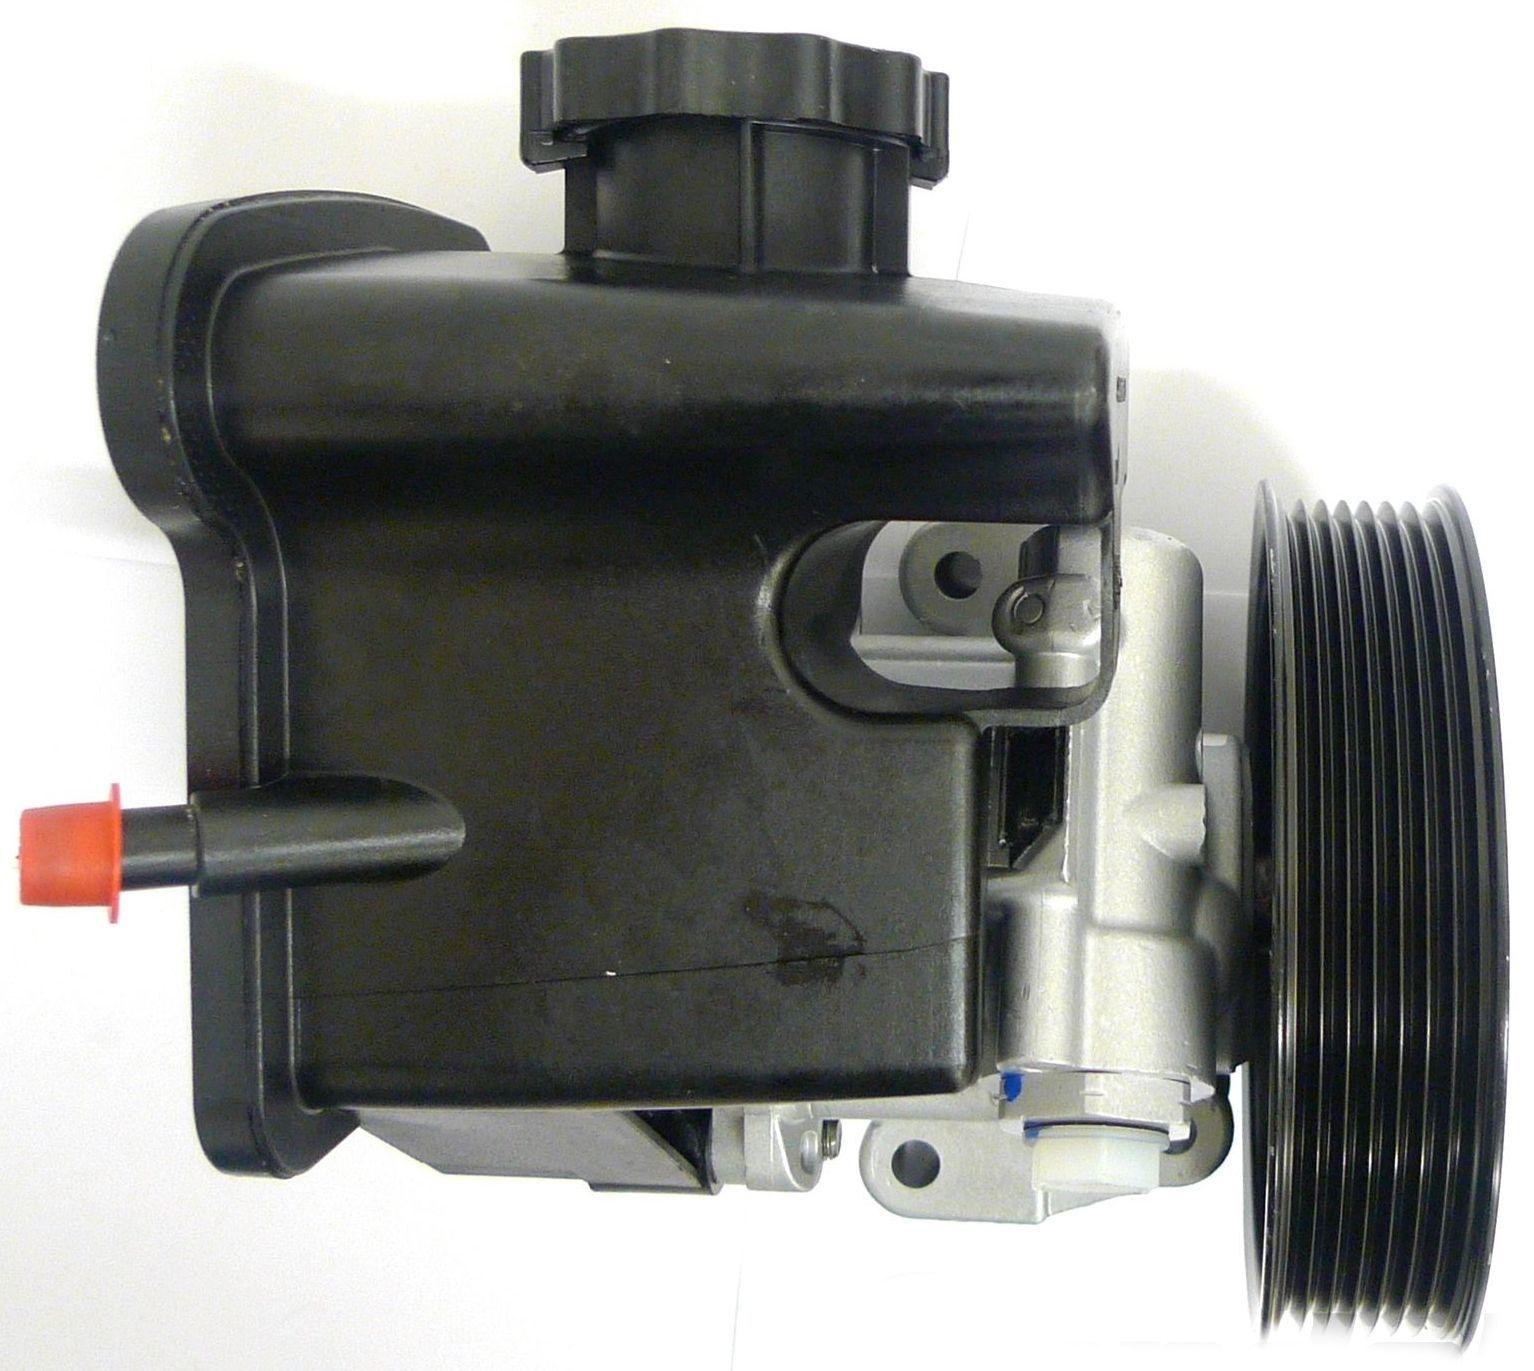 Bomba de Direção Hidraulica Mercedes C180 C200 C250 1.8 Cgi de 2007 à 2014 - 0054668301